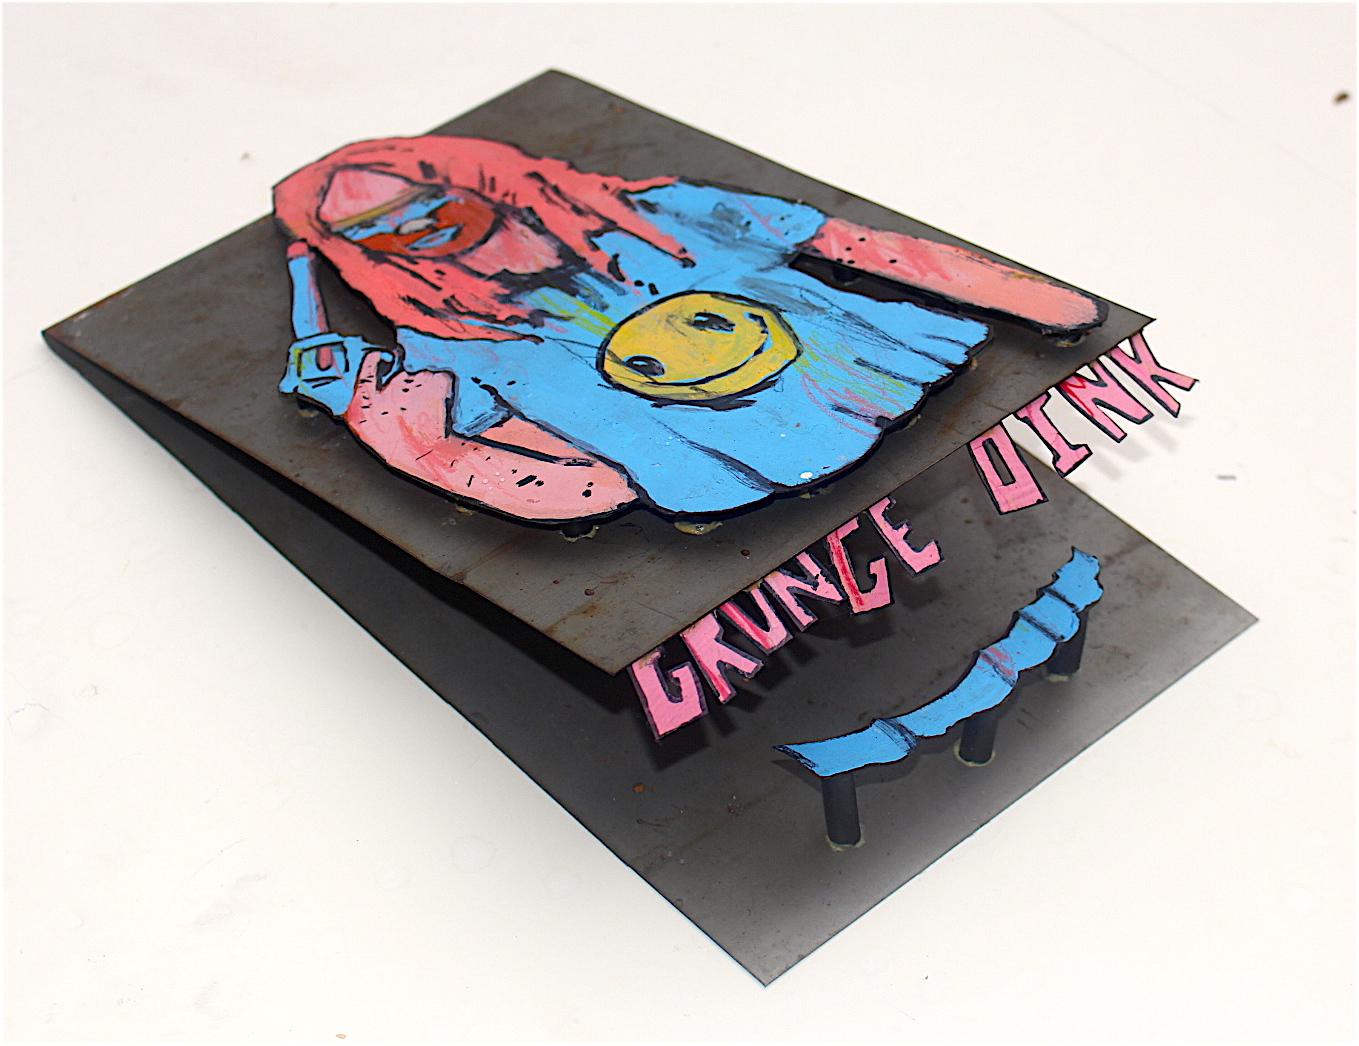 Grunge Oink [detail]